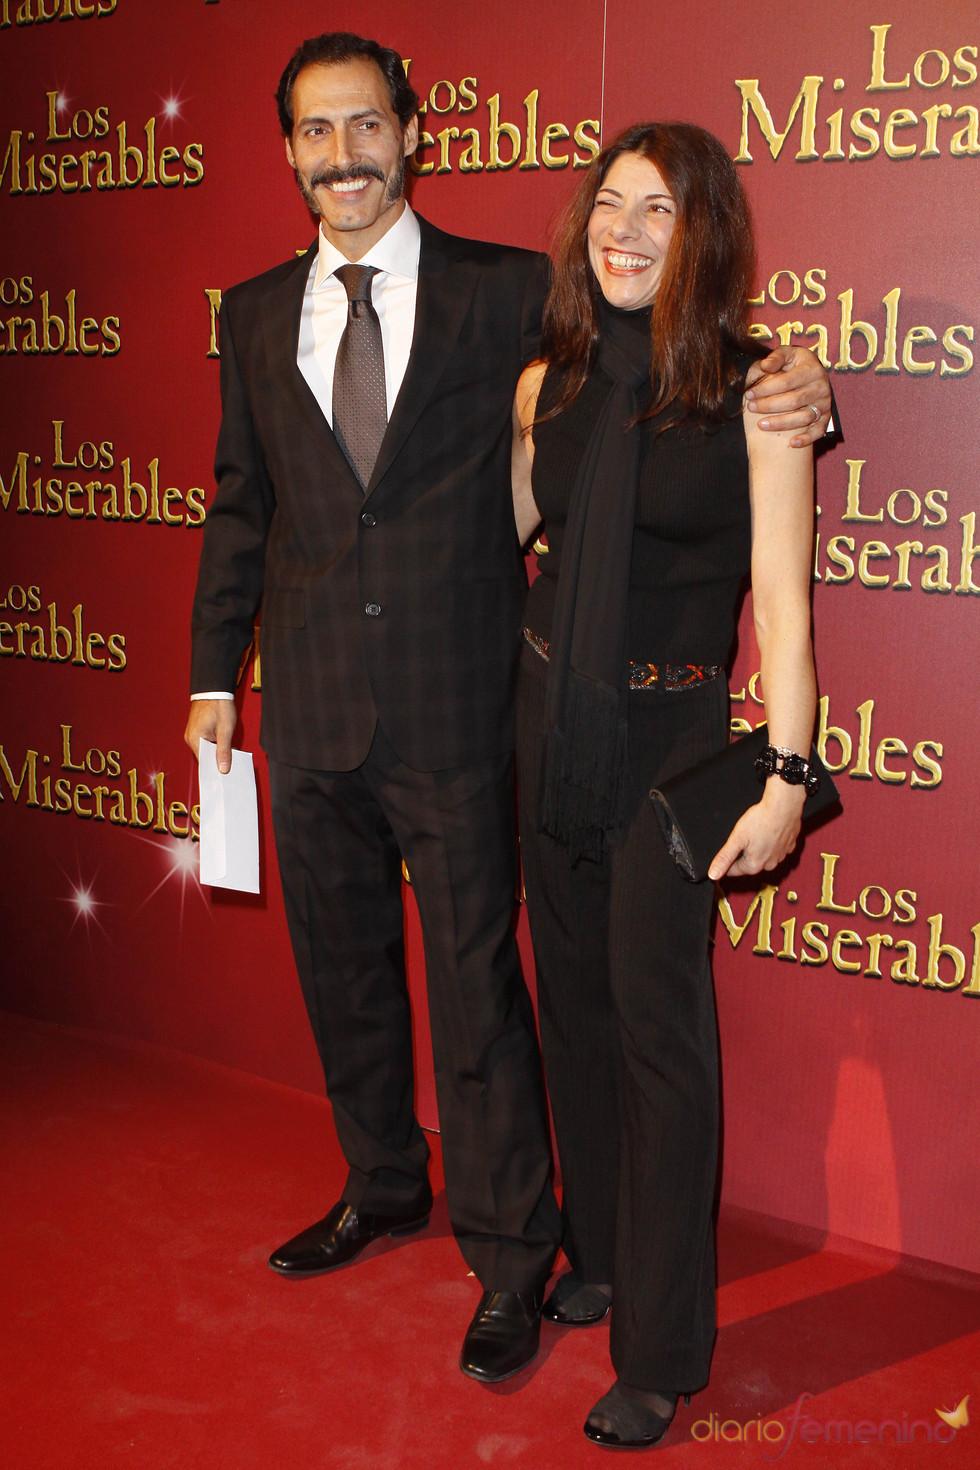 Manuel Bandera y Clara Sanchís en el estreno de 'Los Miserables'